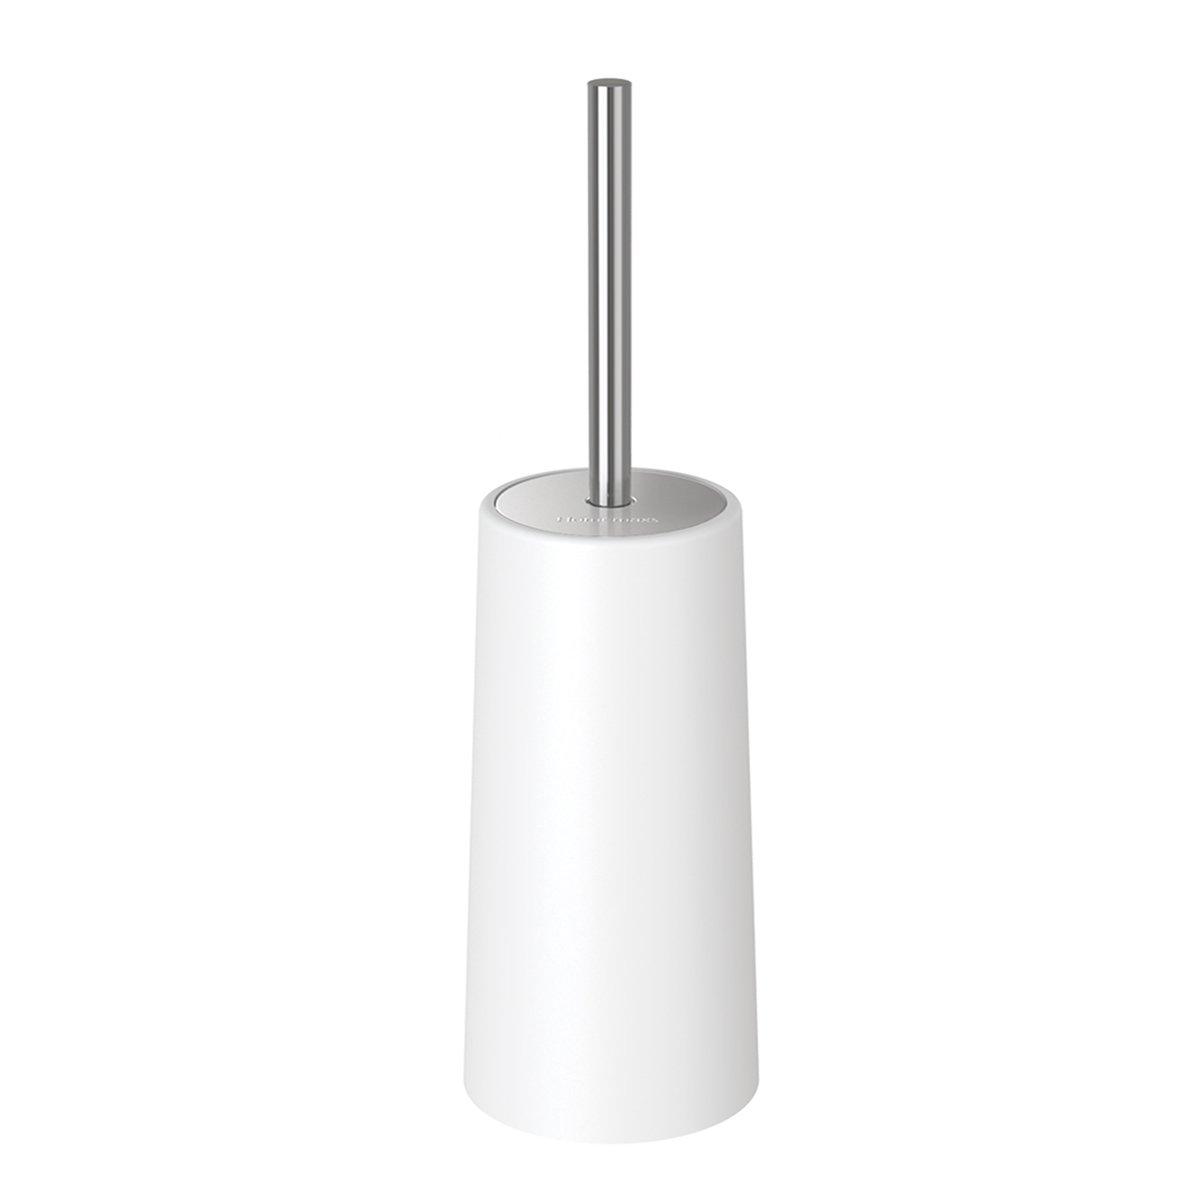 HOMEMAXS Toilet Brush Holder Modern Design Longer Brush Heavy Enough Bathroom Toilet 191579625272